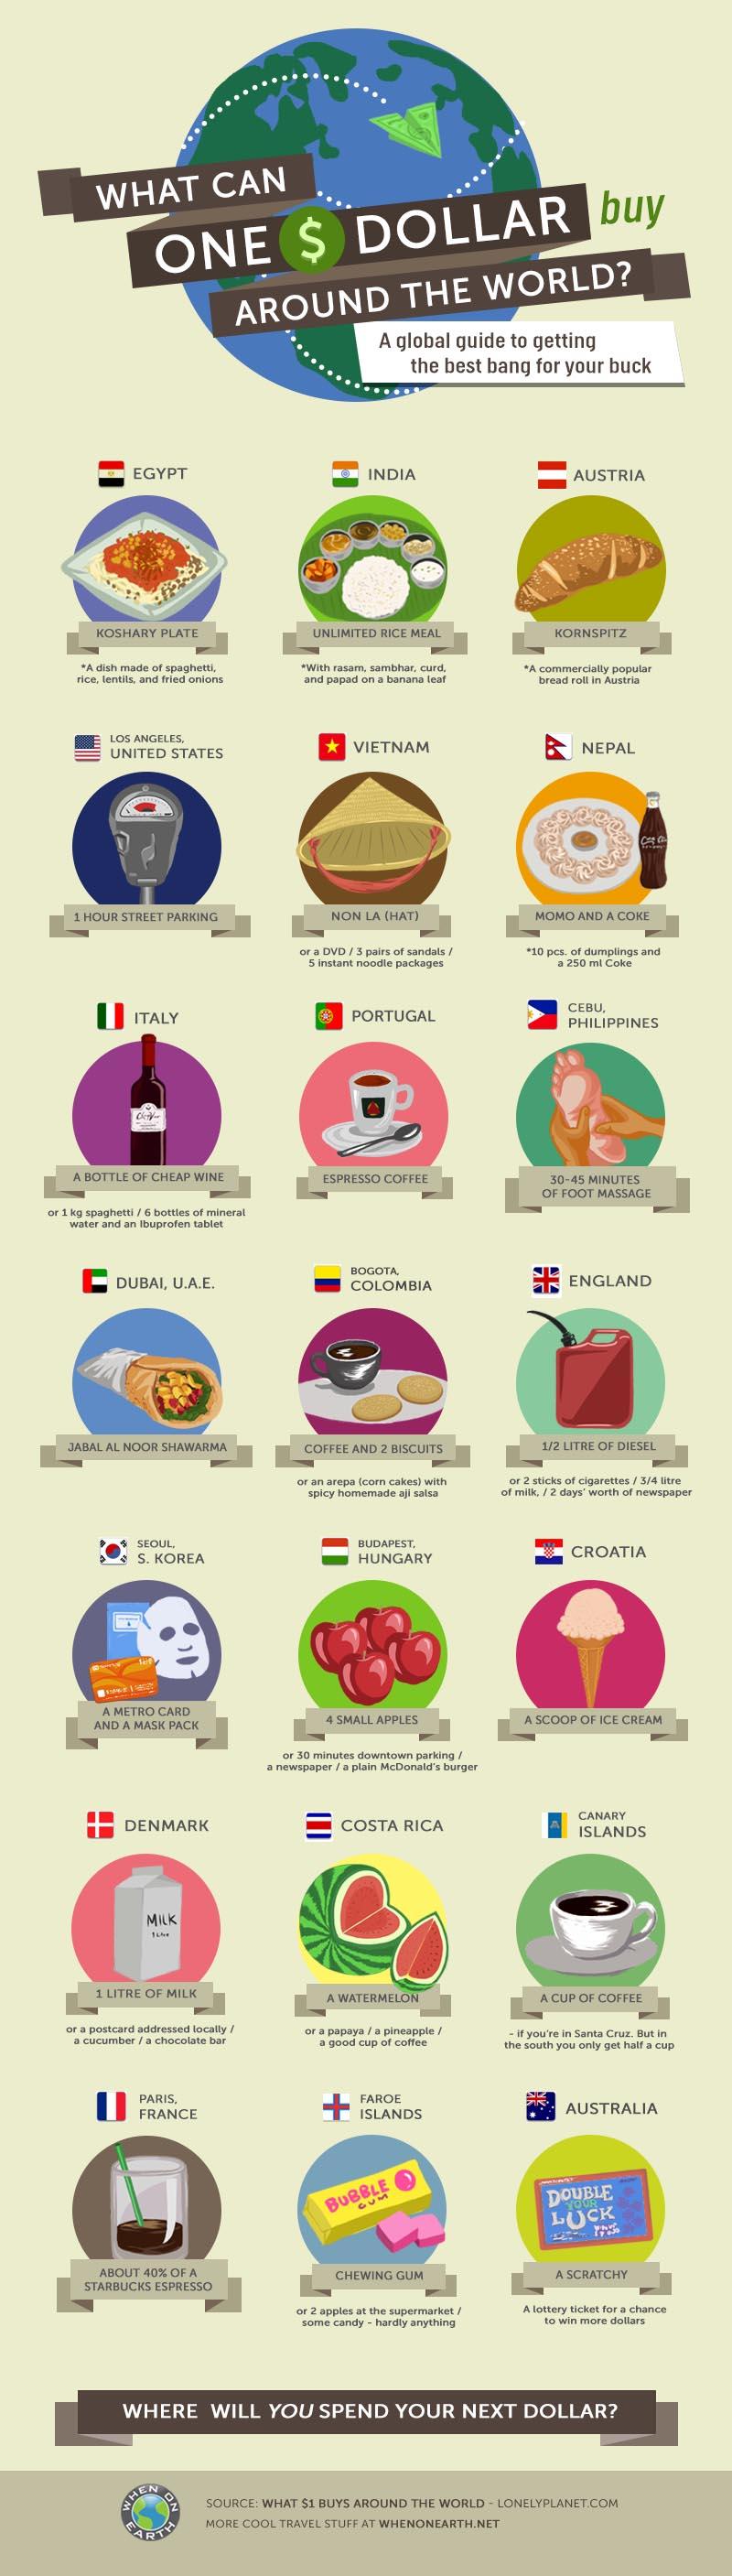 que-peut-on-acheter-avec-1-dollar L'image du jour : que peut on acheter avec $1 dans différents pays ?